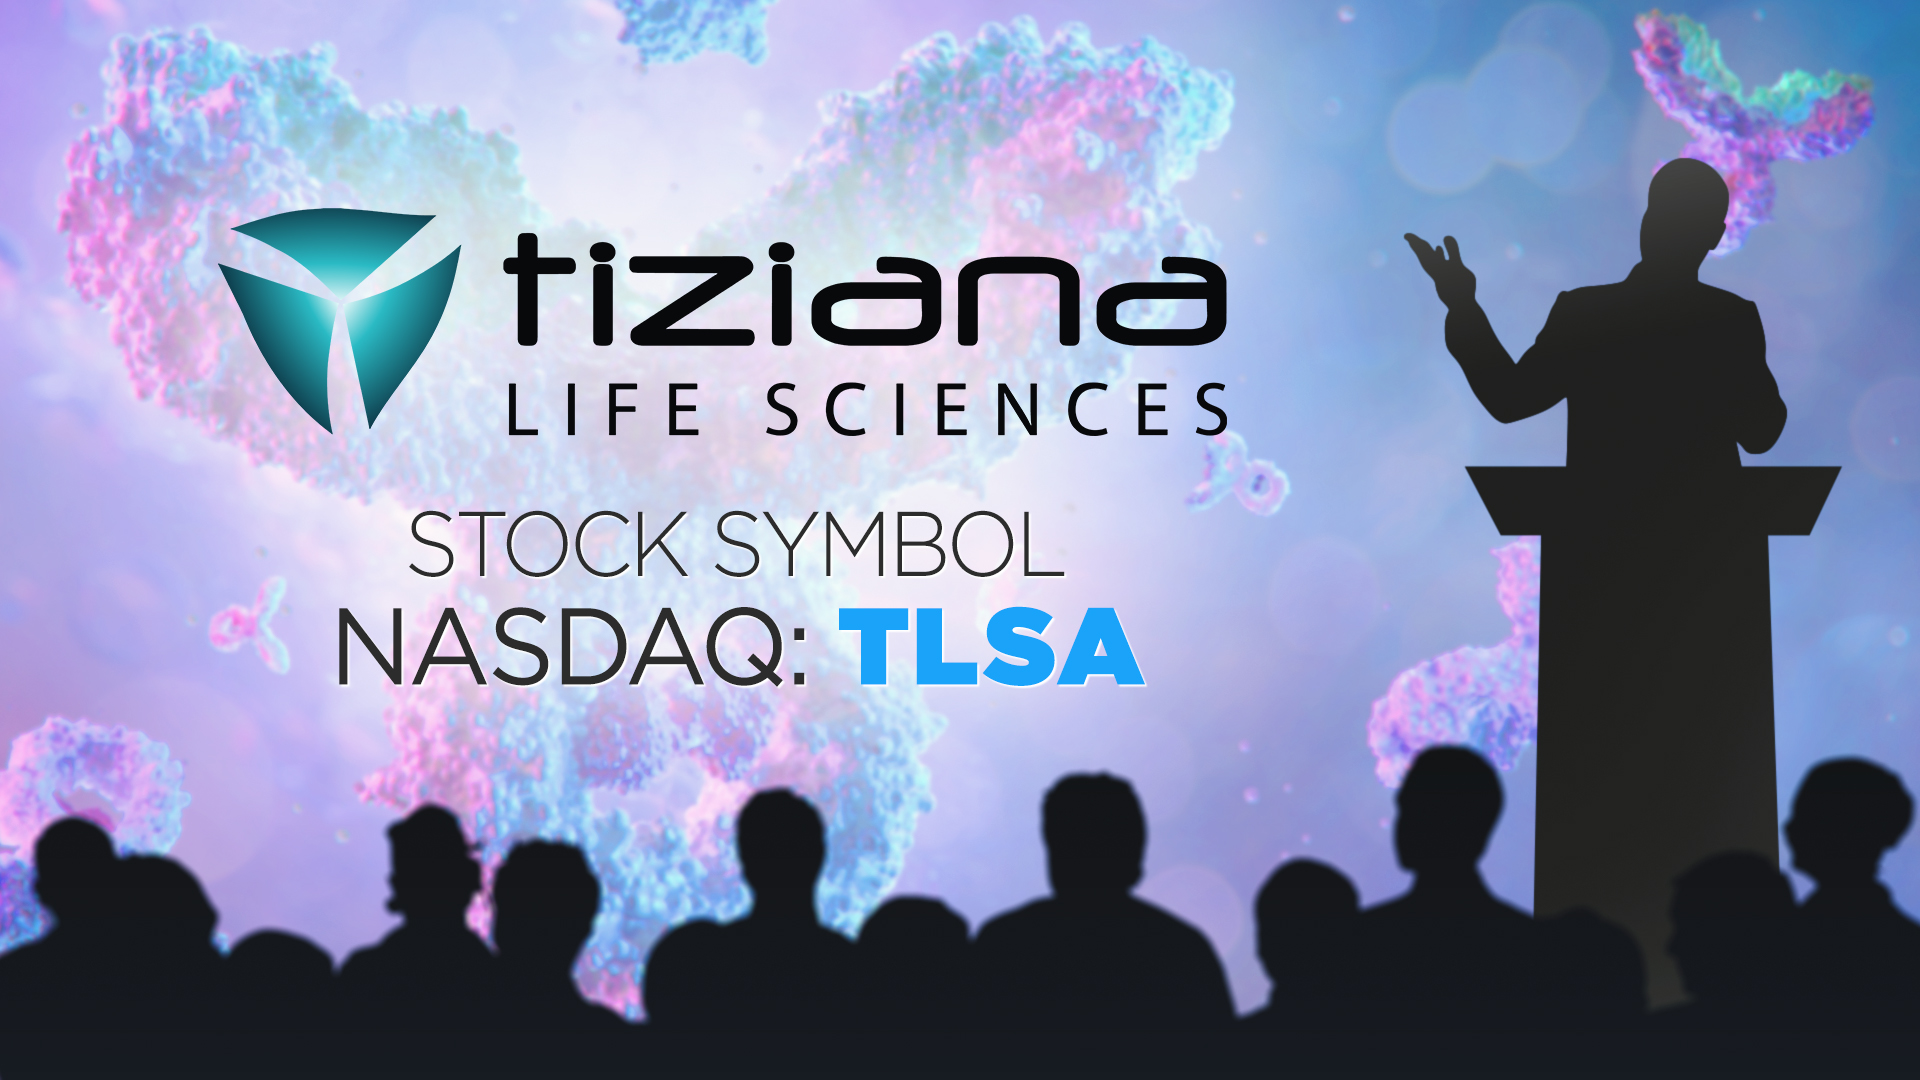 Tiziana Life Sciences Webinar